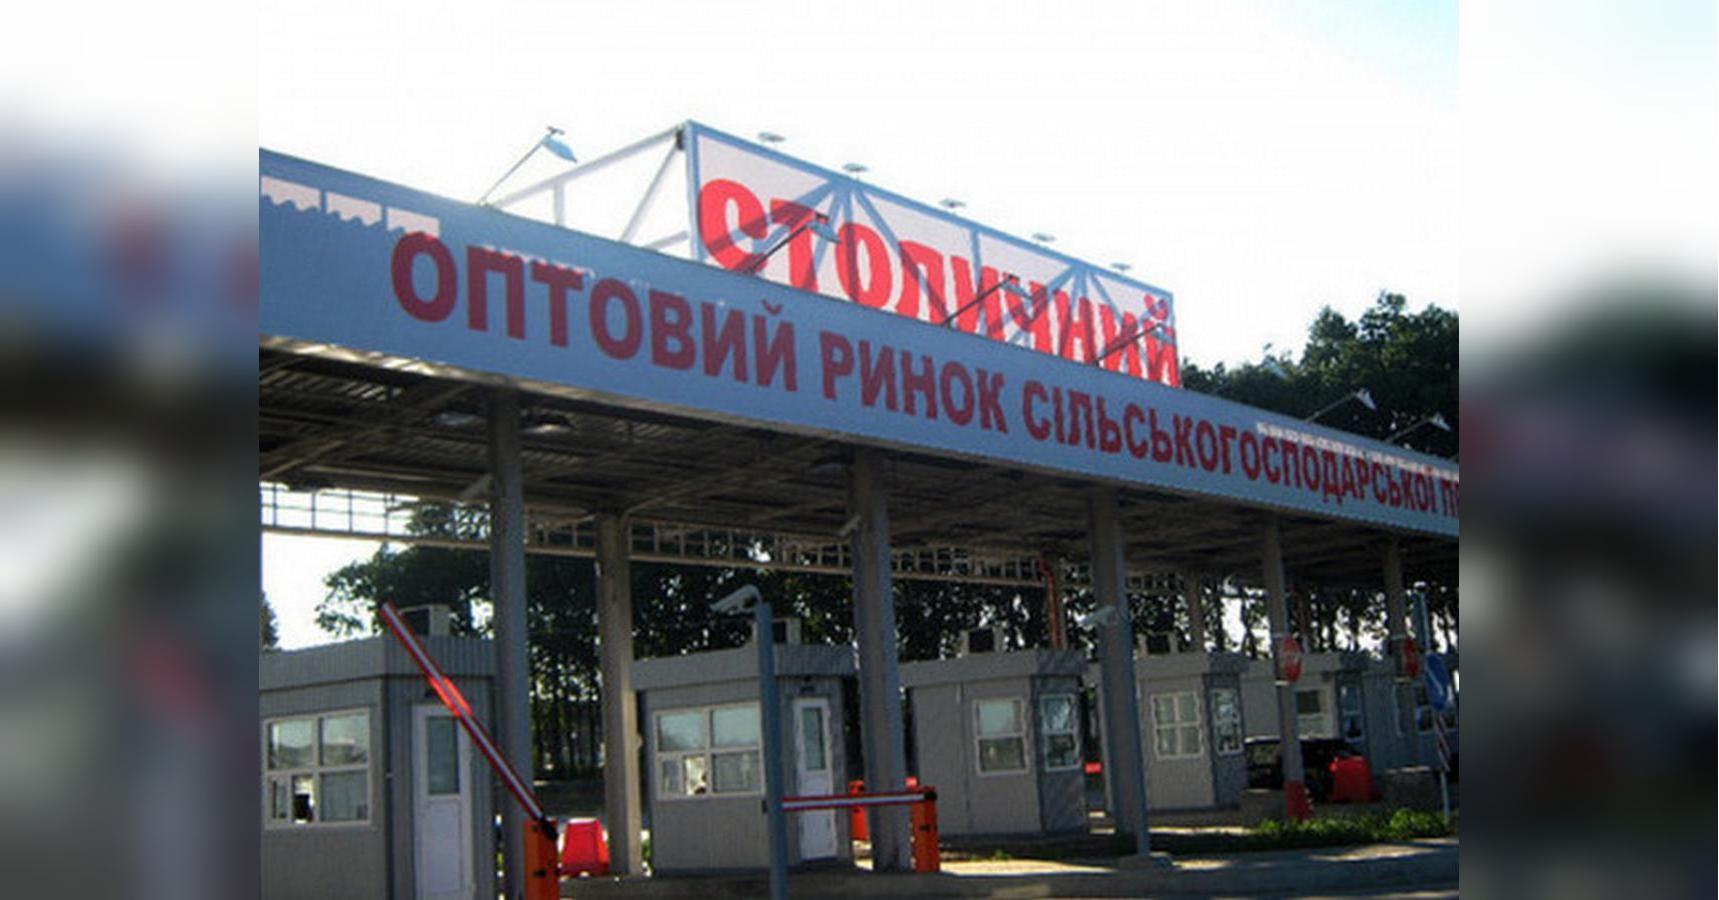 Ринок Столичний - суд підтвердив повноваження директора Головні - «ФАКТИ»